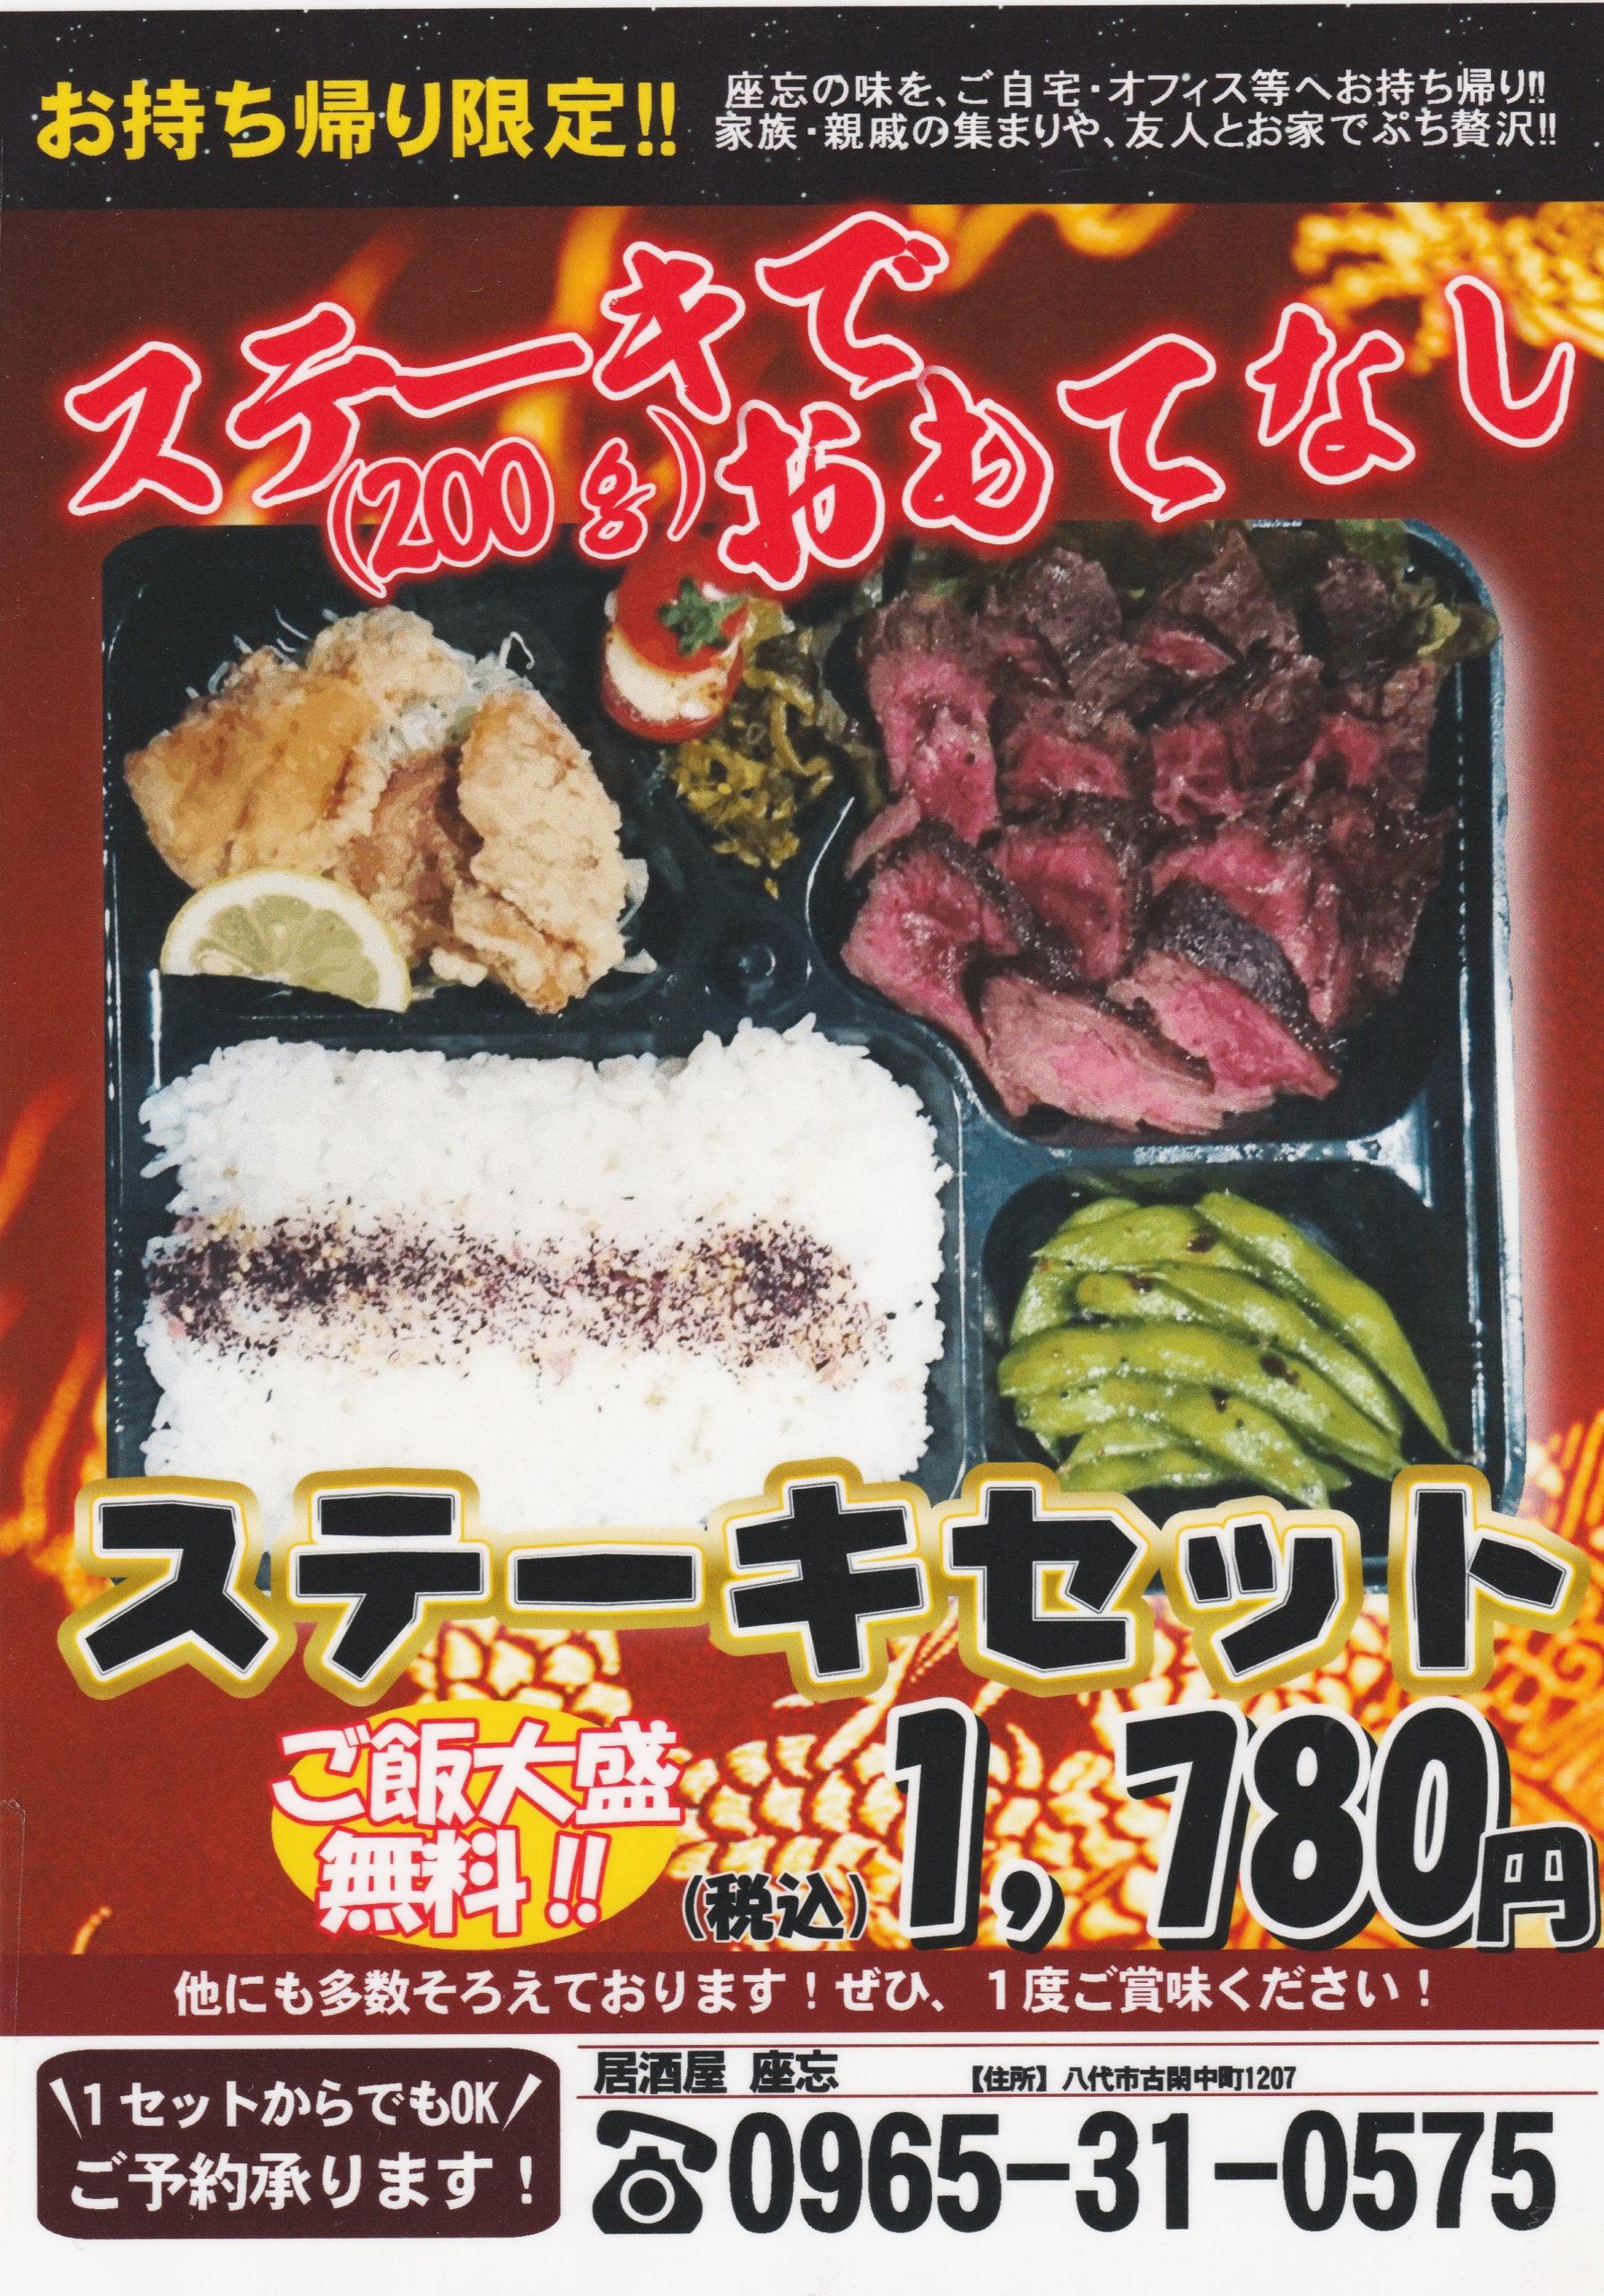 ステーキセット1780円